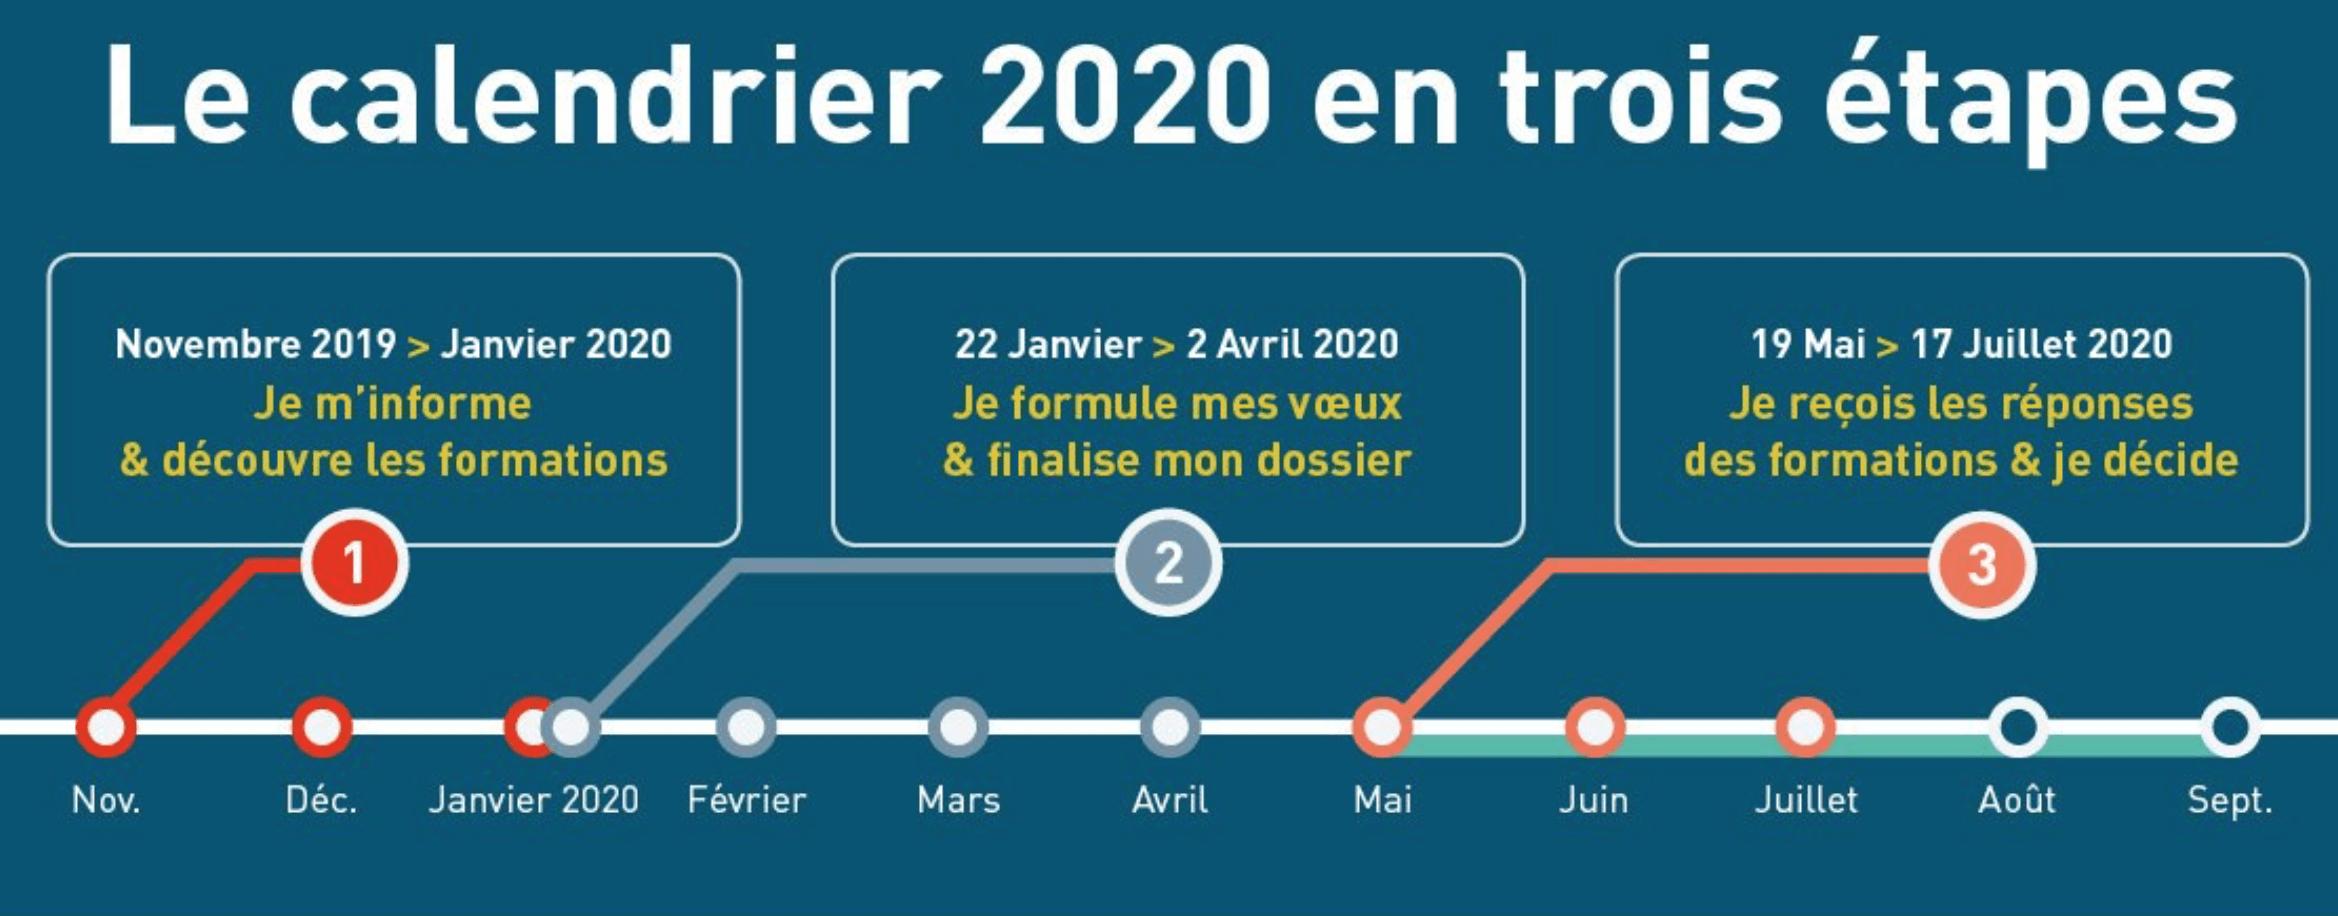 Parcoursup 2020 : les dates, les nouveautés, la procédure et les